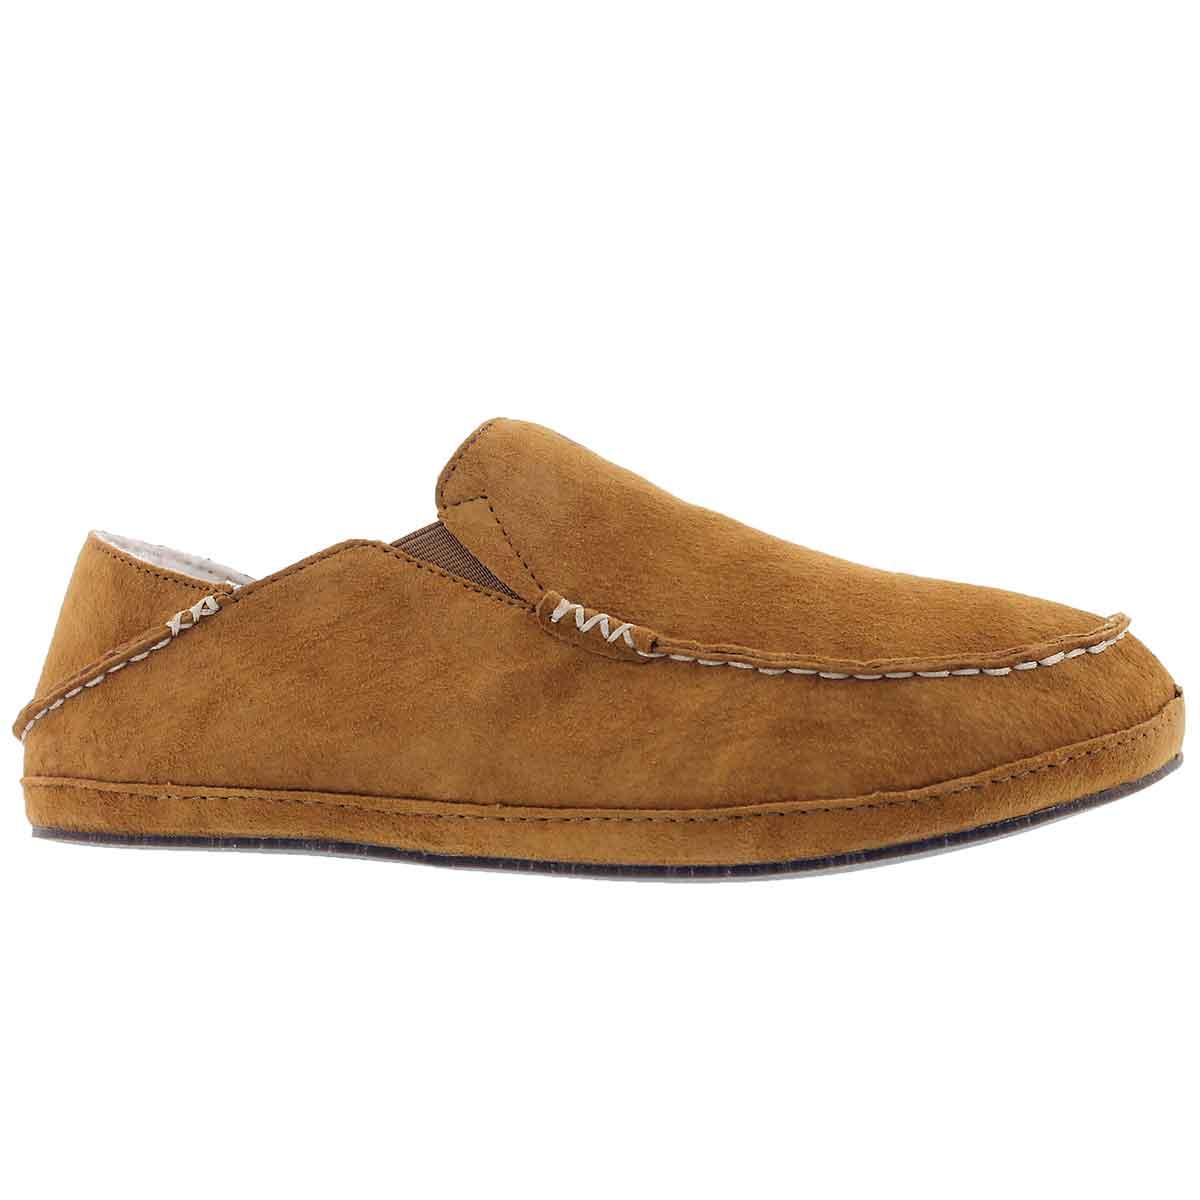 Men's MOLOA tobacco drop in heel slippers